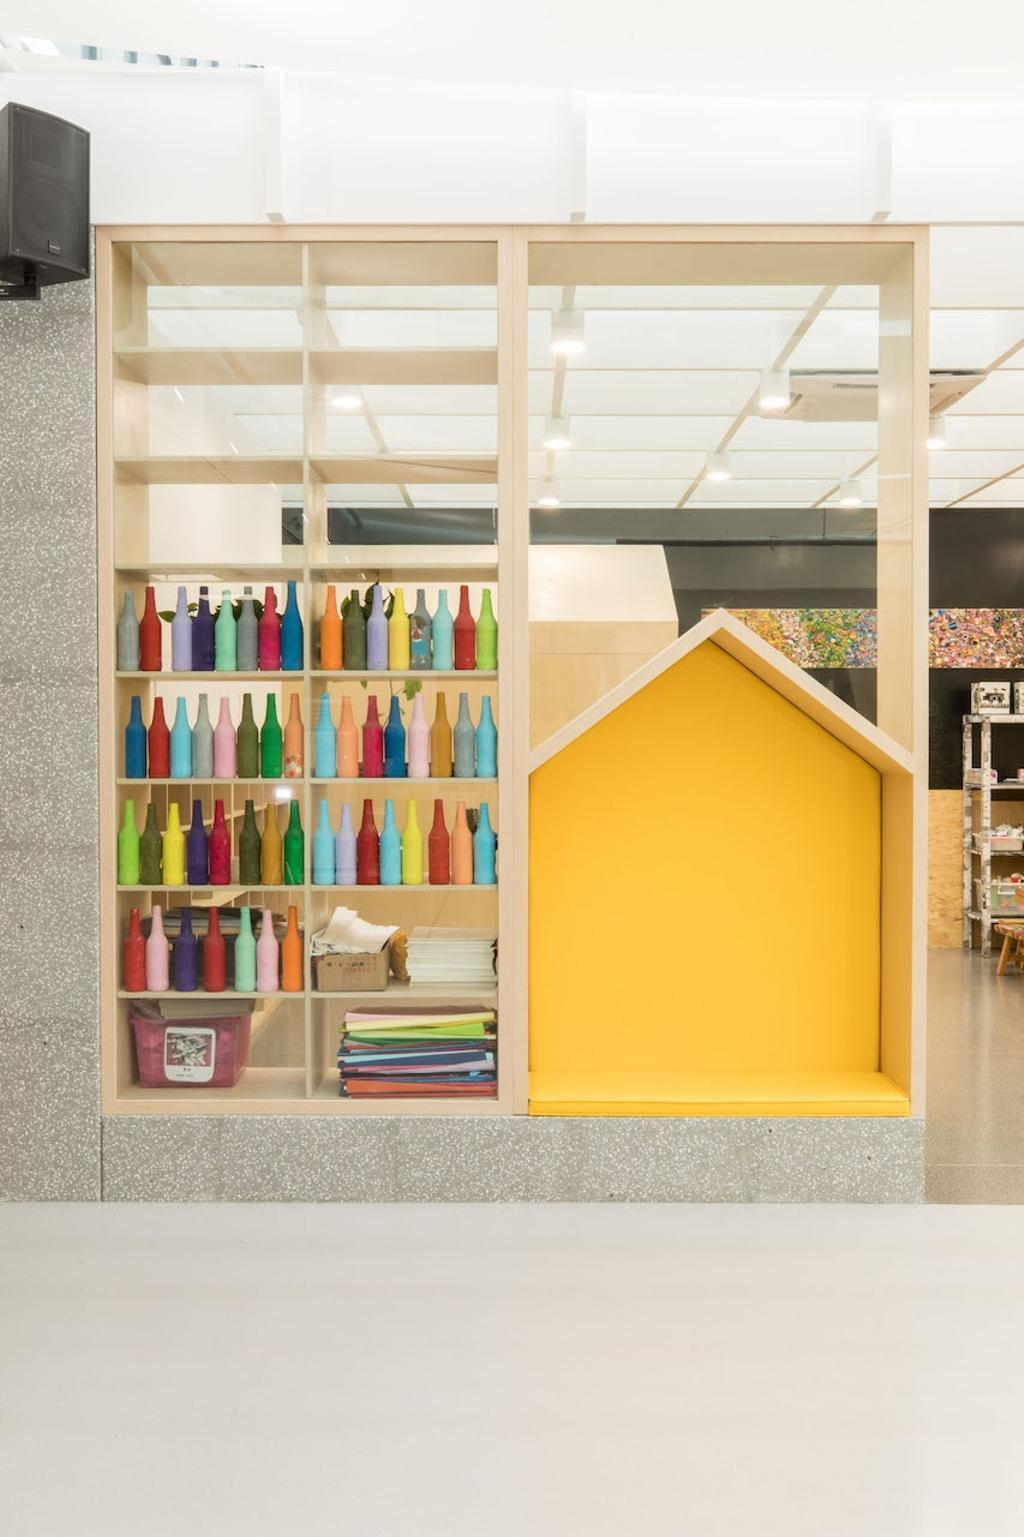 上海维多利亚幼儿园(古美), 商用, 室內設計師, MAD Studio Limited, 簡約